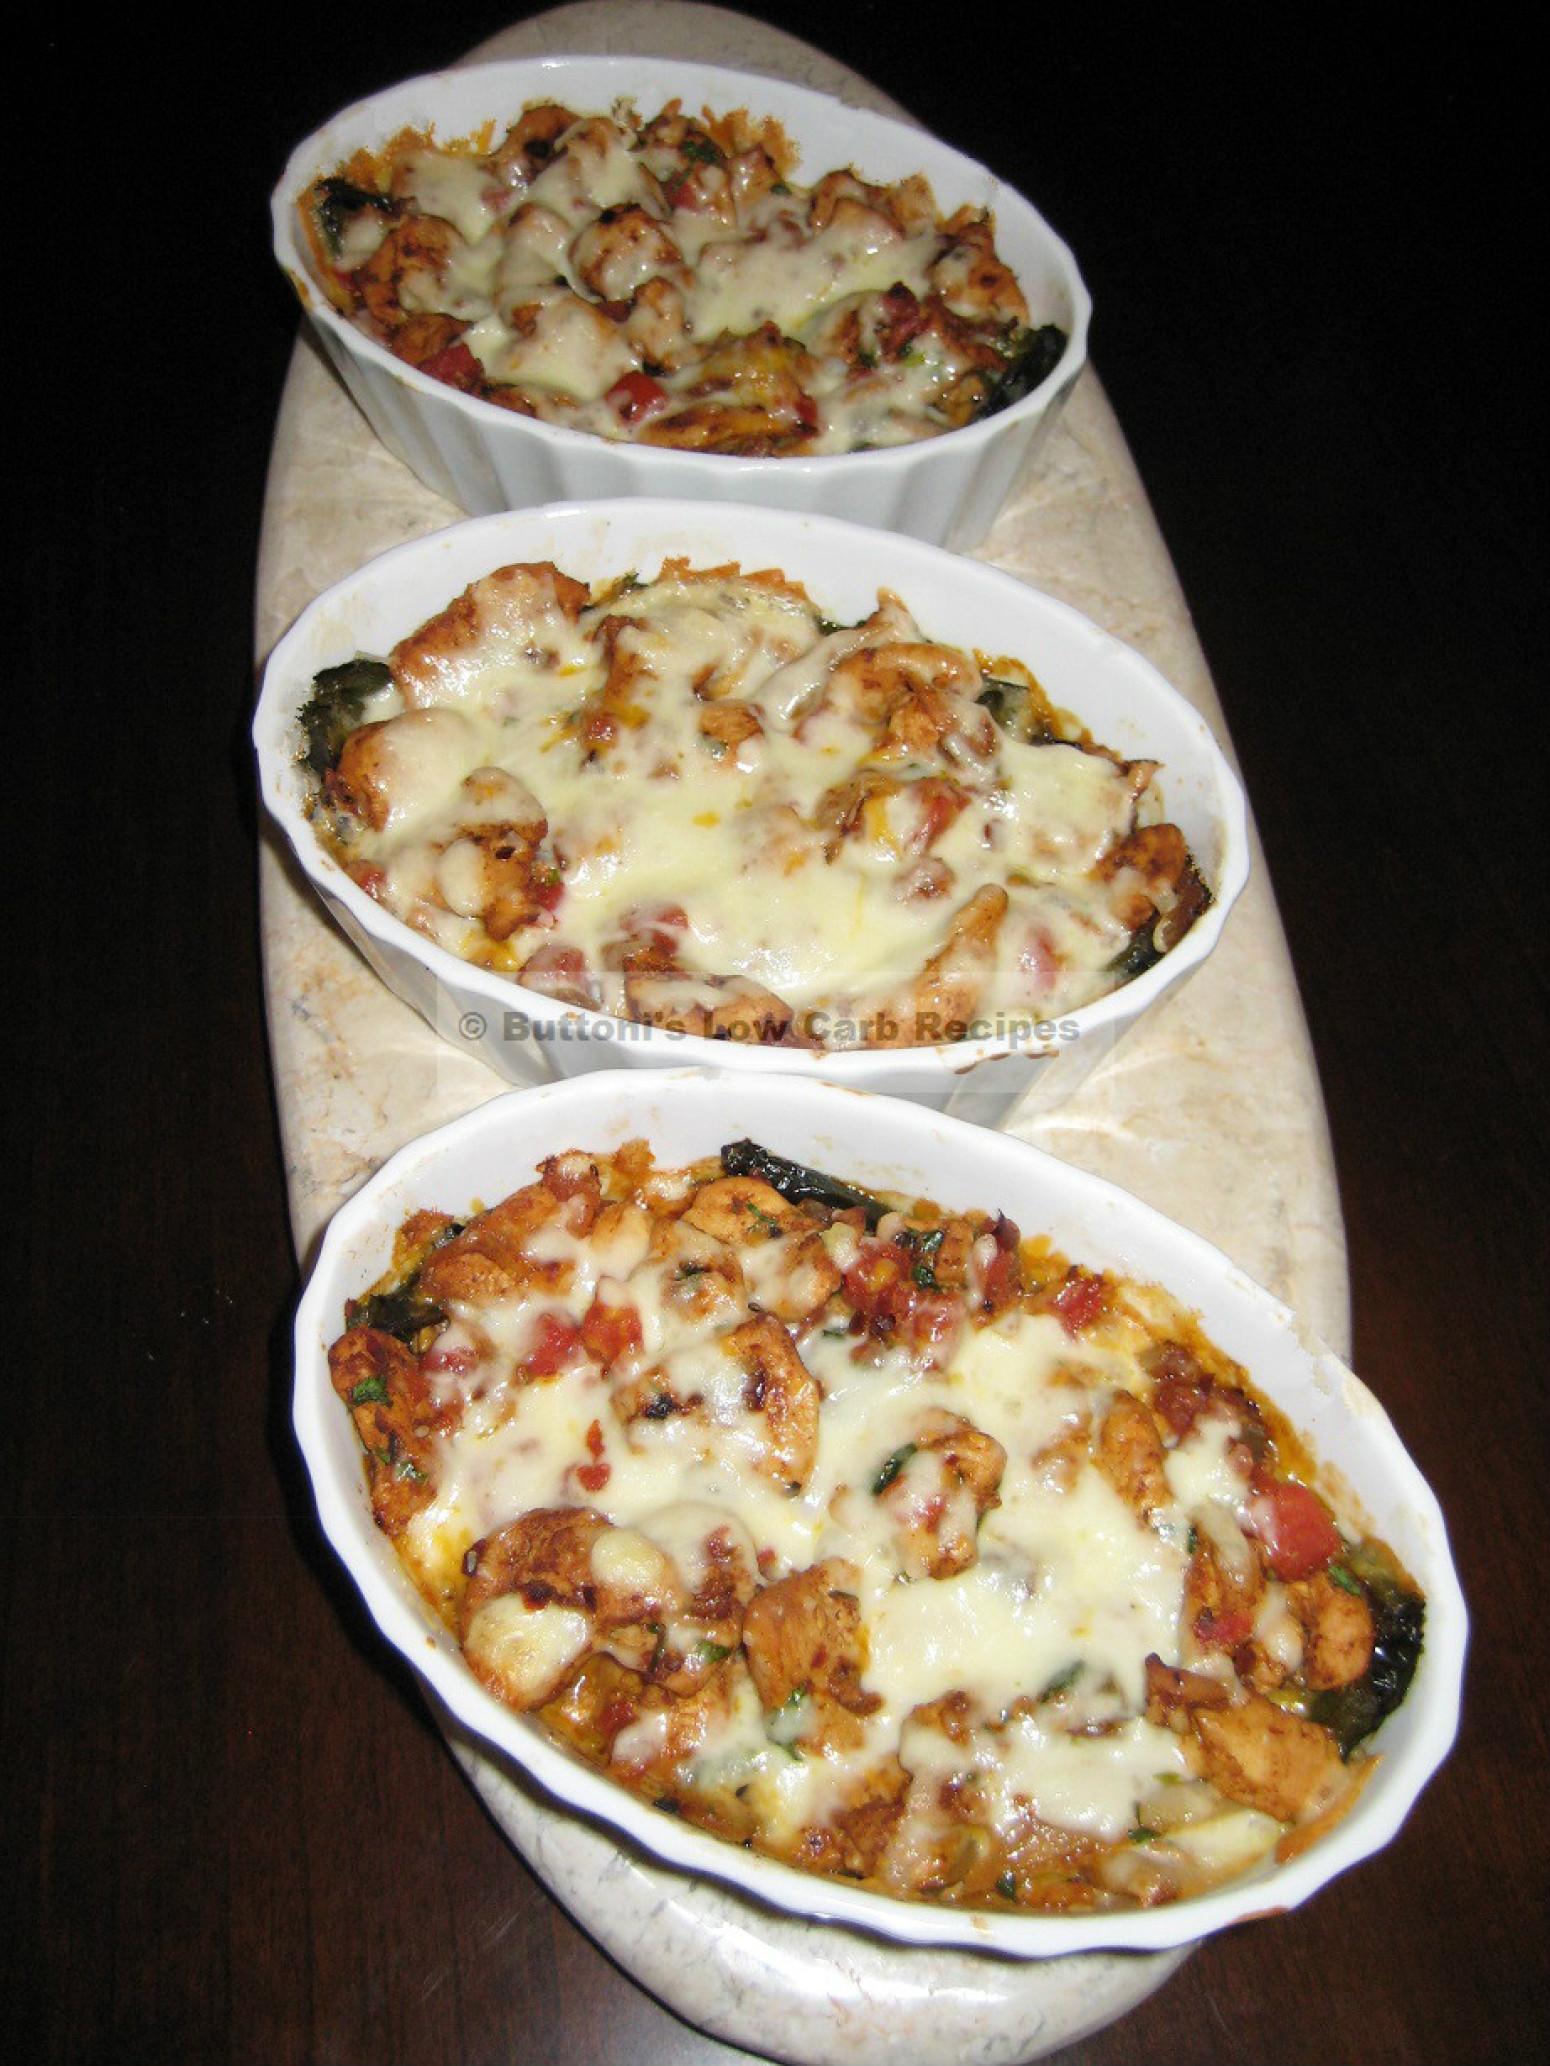 Chicken Chile Relleno Casserole Recipe | Just A Pinch Recipes